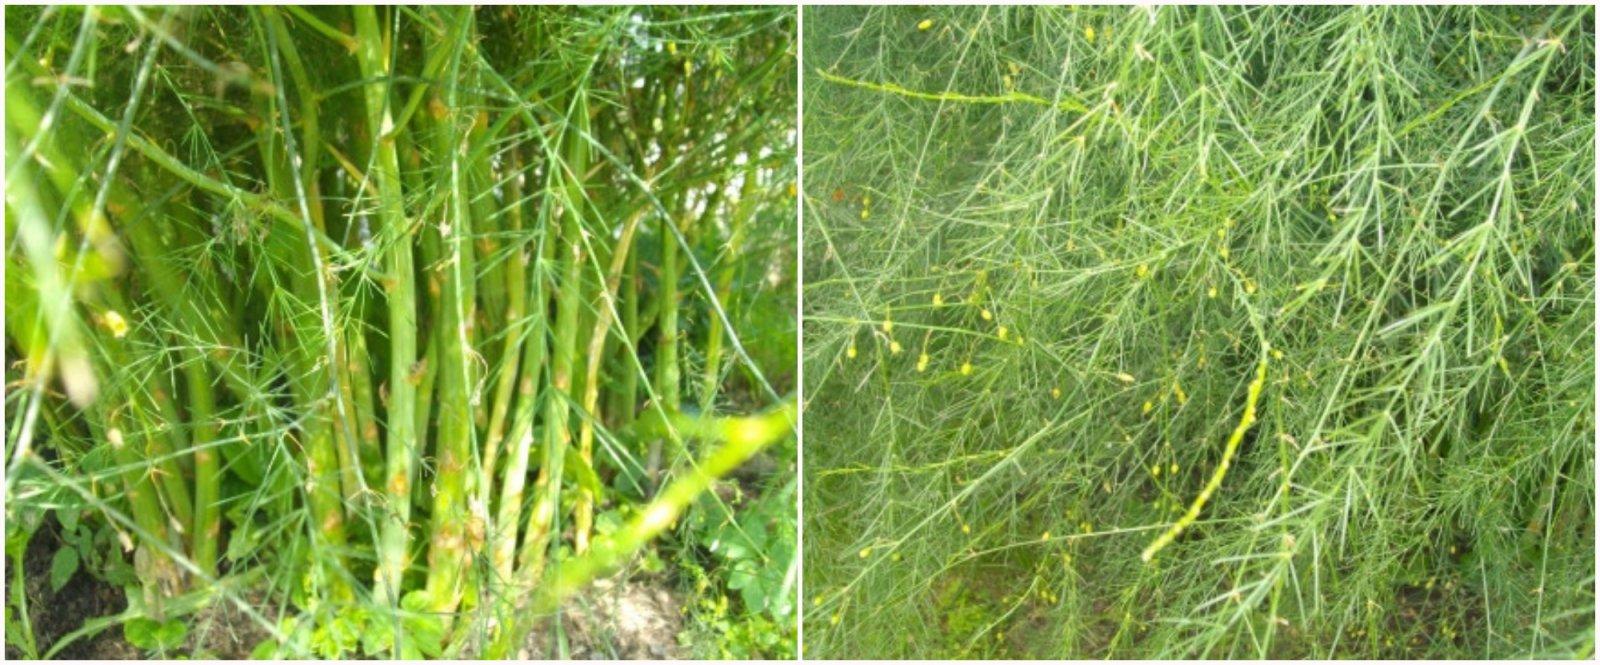 Аспарагус перистый - секреты цветоводов по уходу в домашних условиях